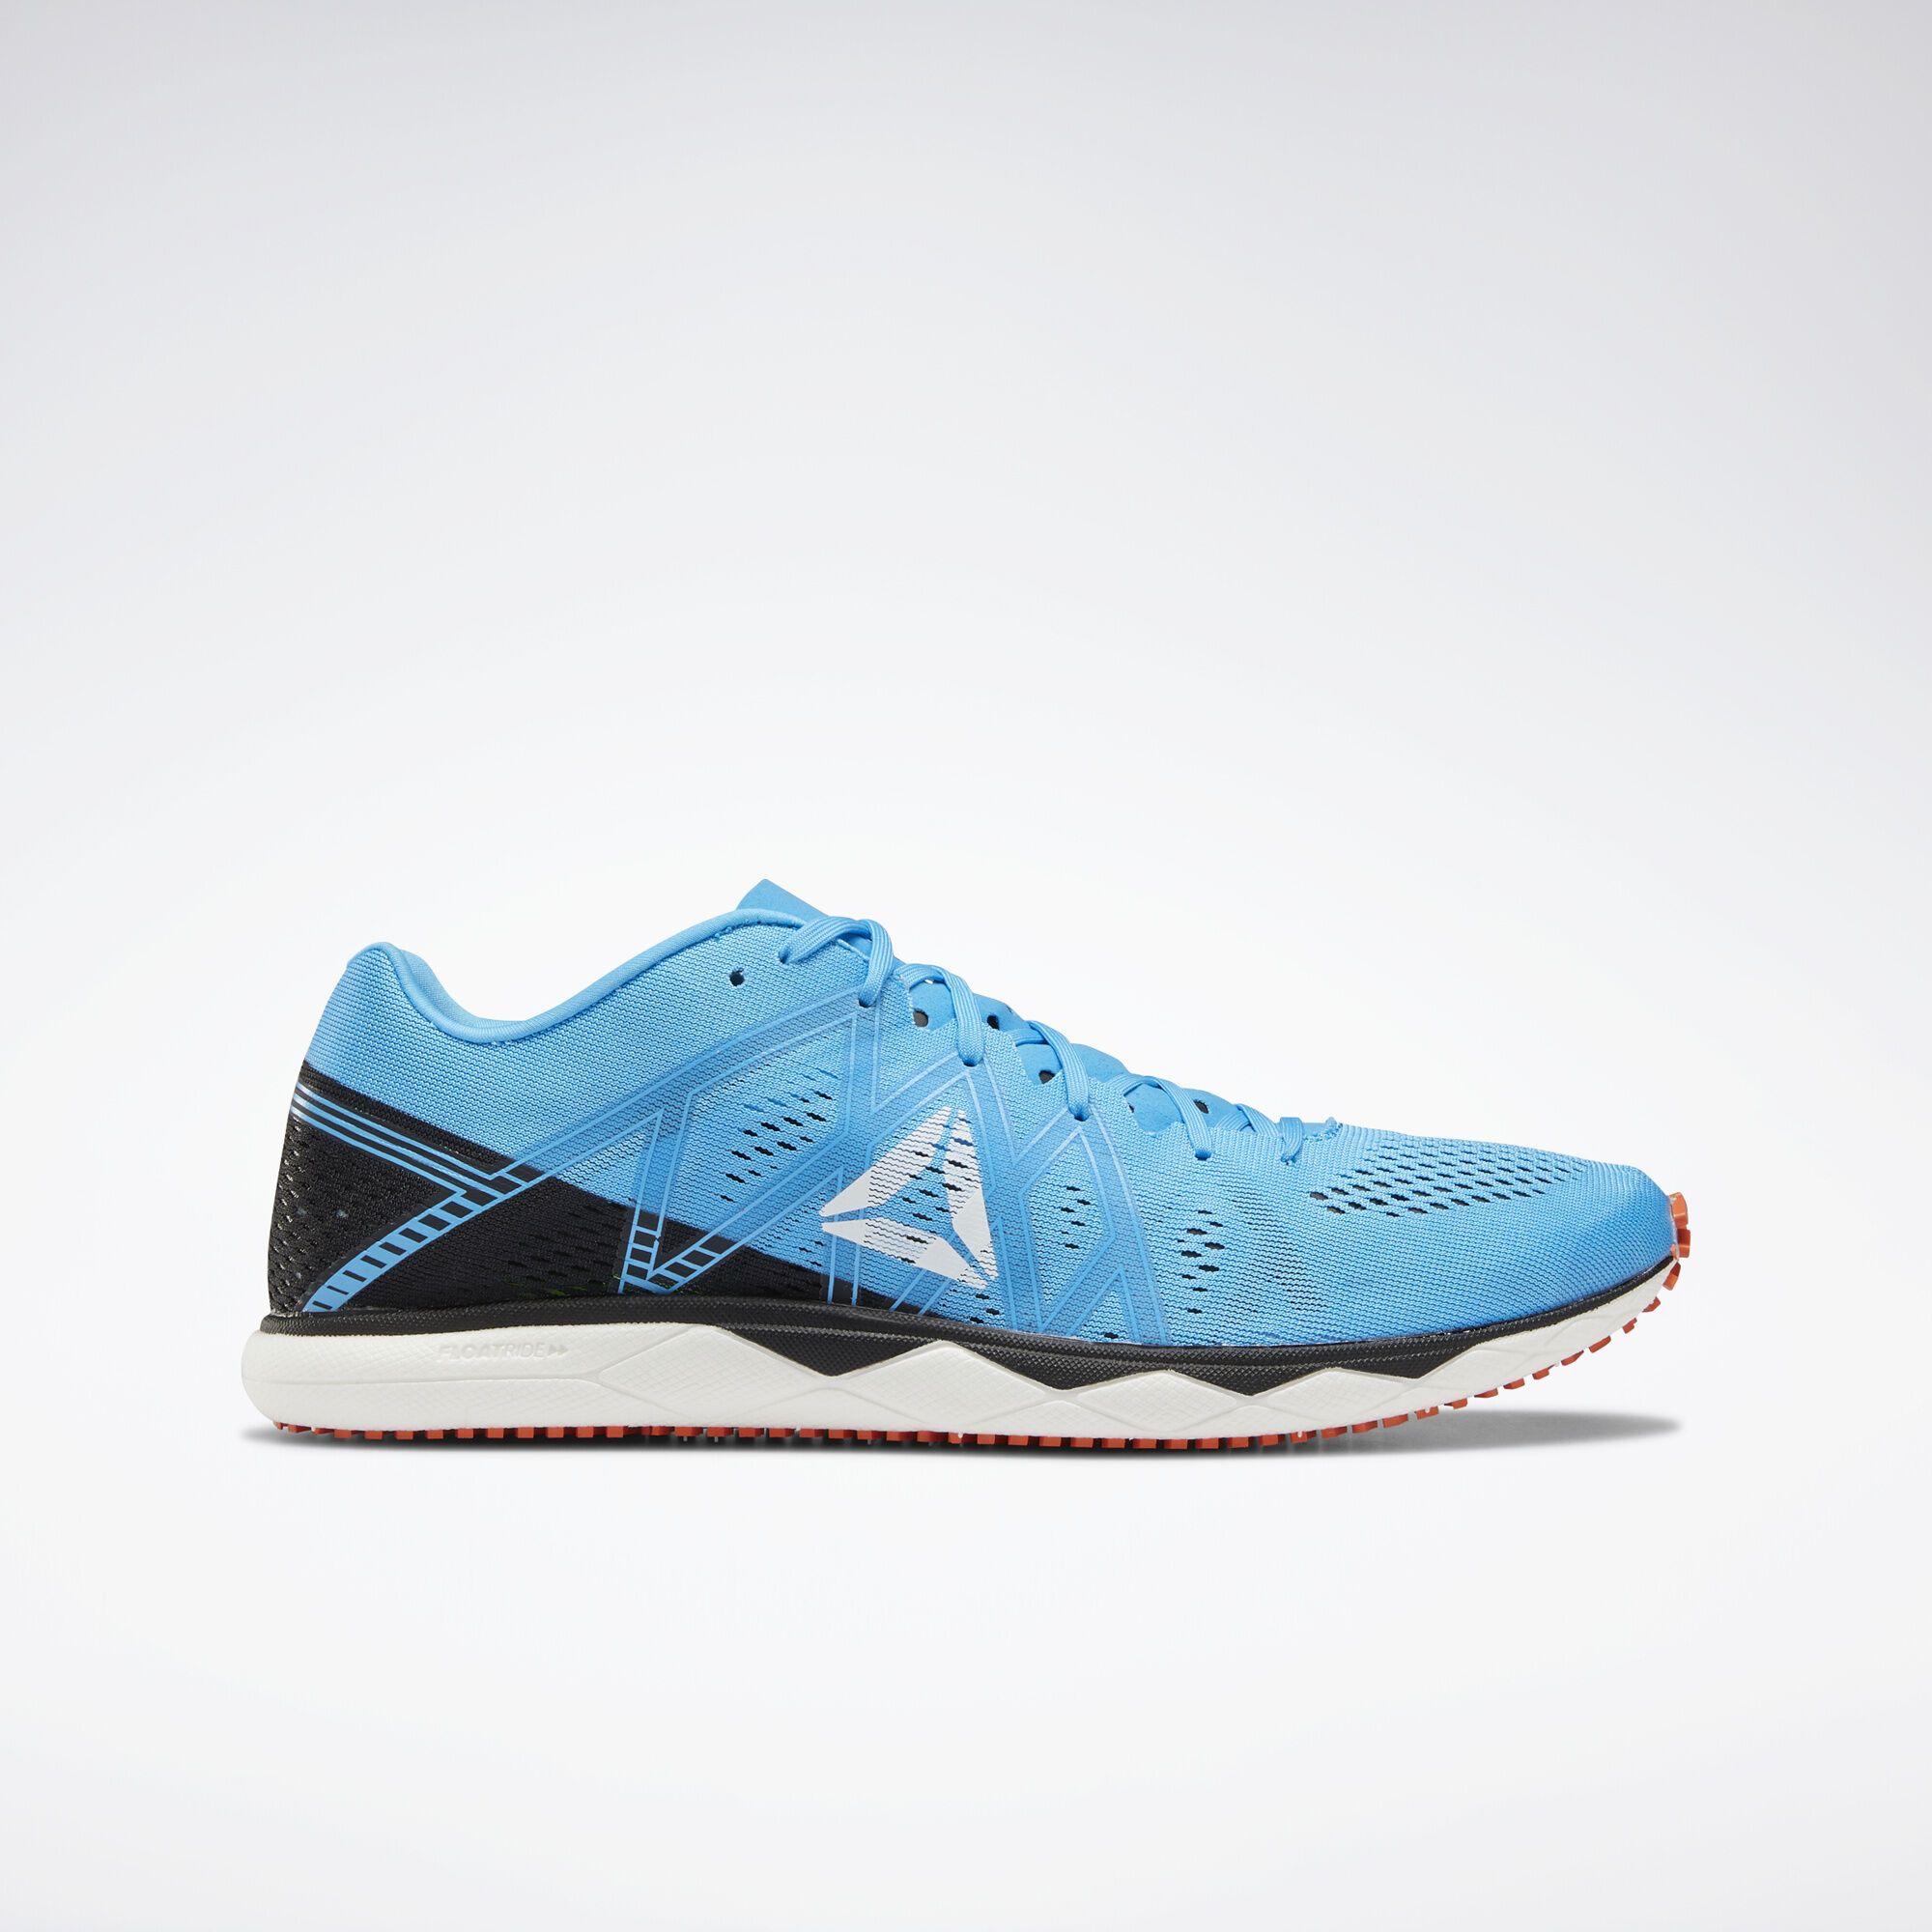 Chaussures de Running Reebok Floatride Run Fast Pro Bleu